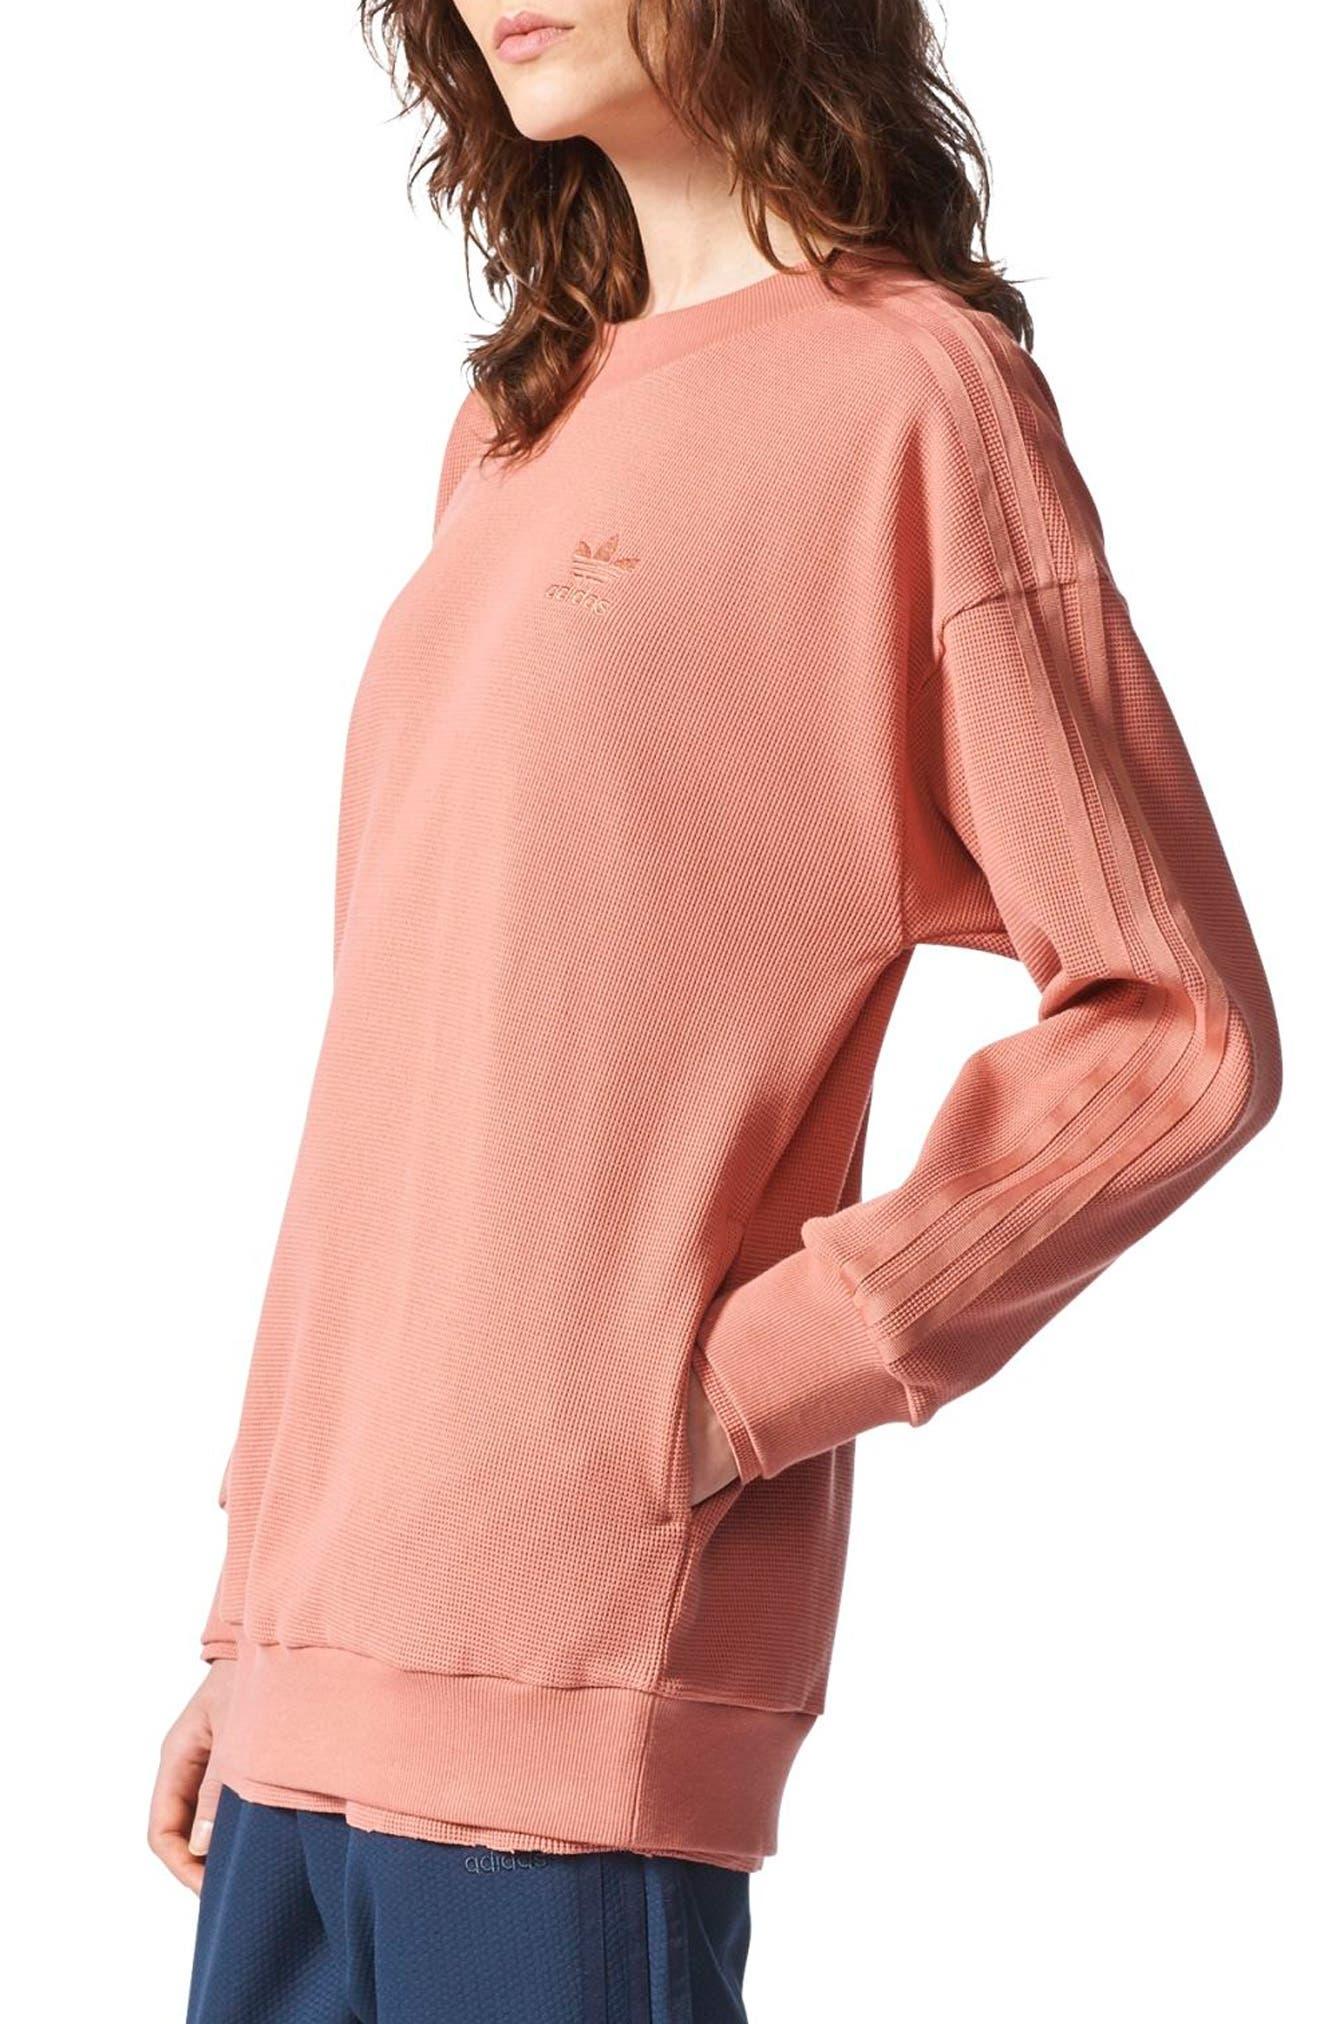 Originals Thermal Sweatshirt,                             Alternate thumbnail 3, color,                             Raw Pink